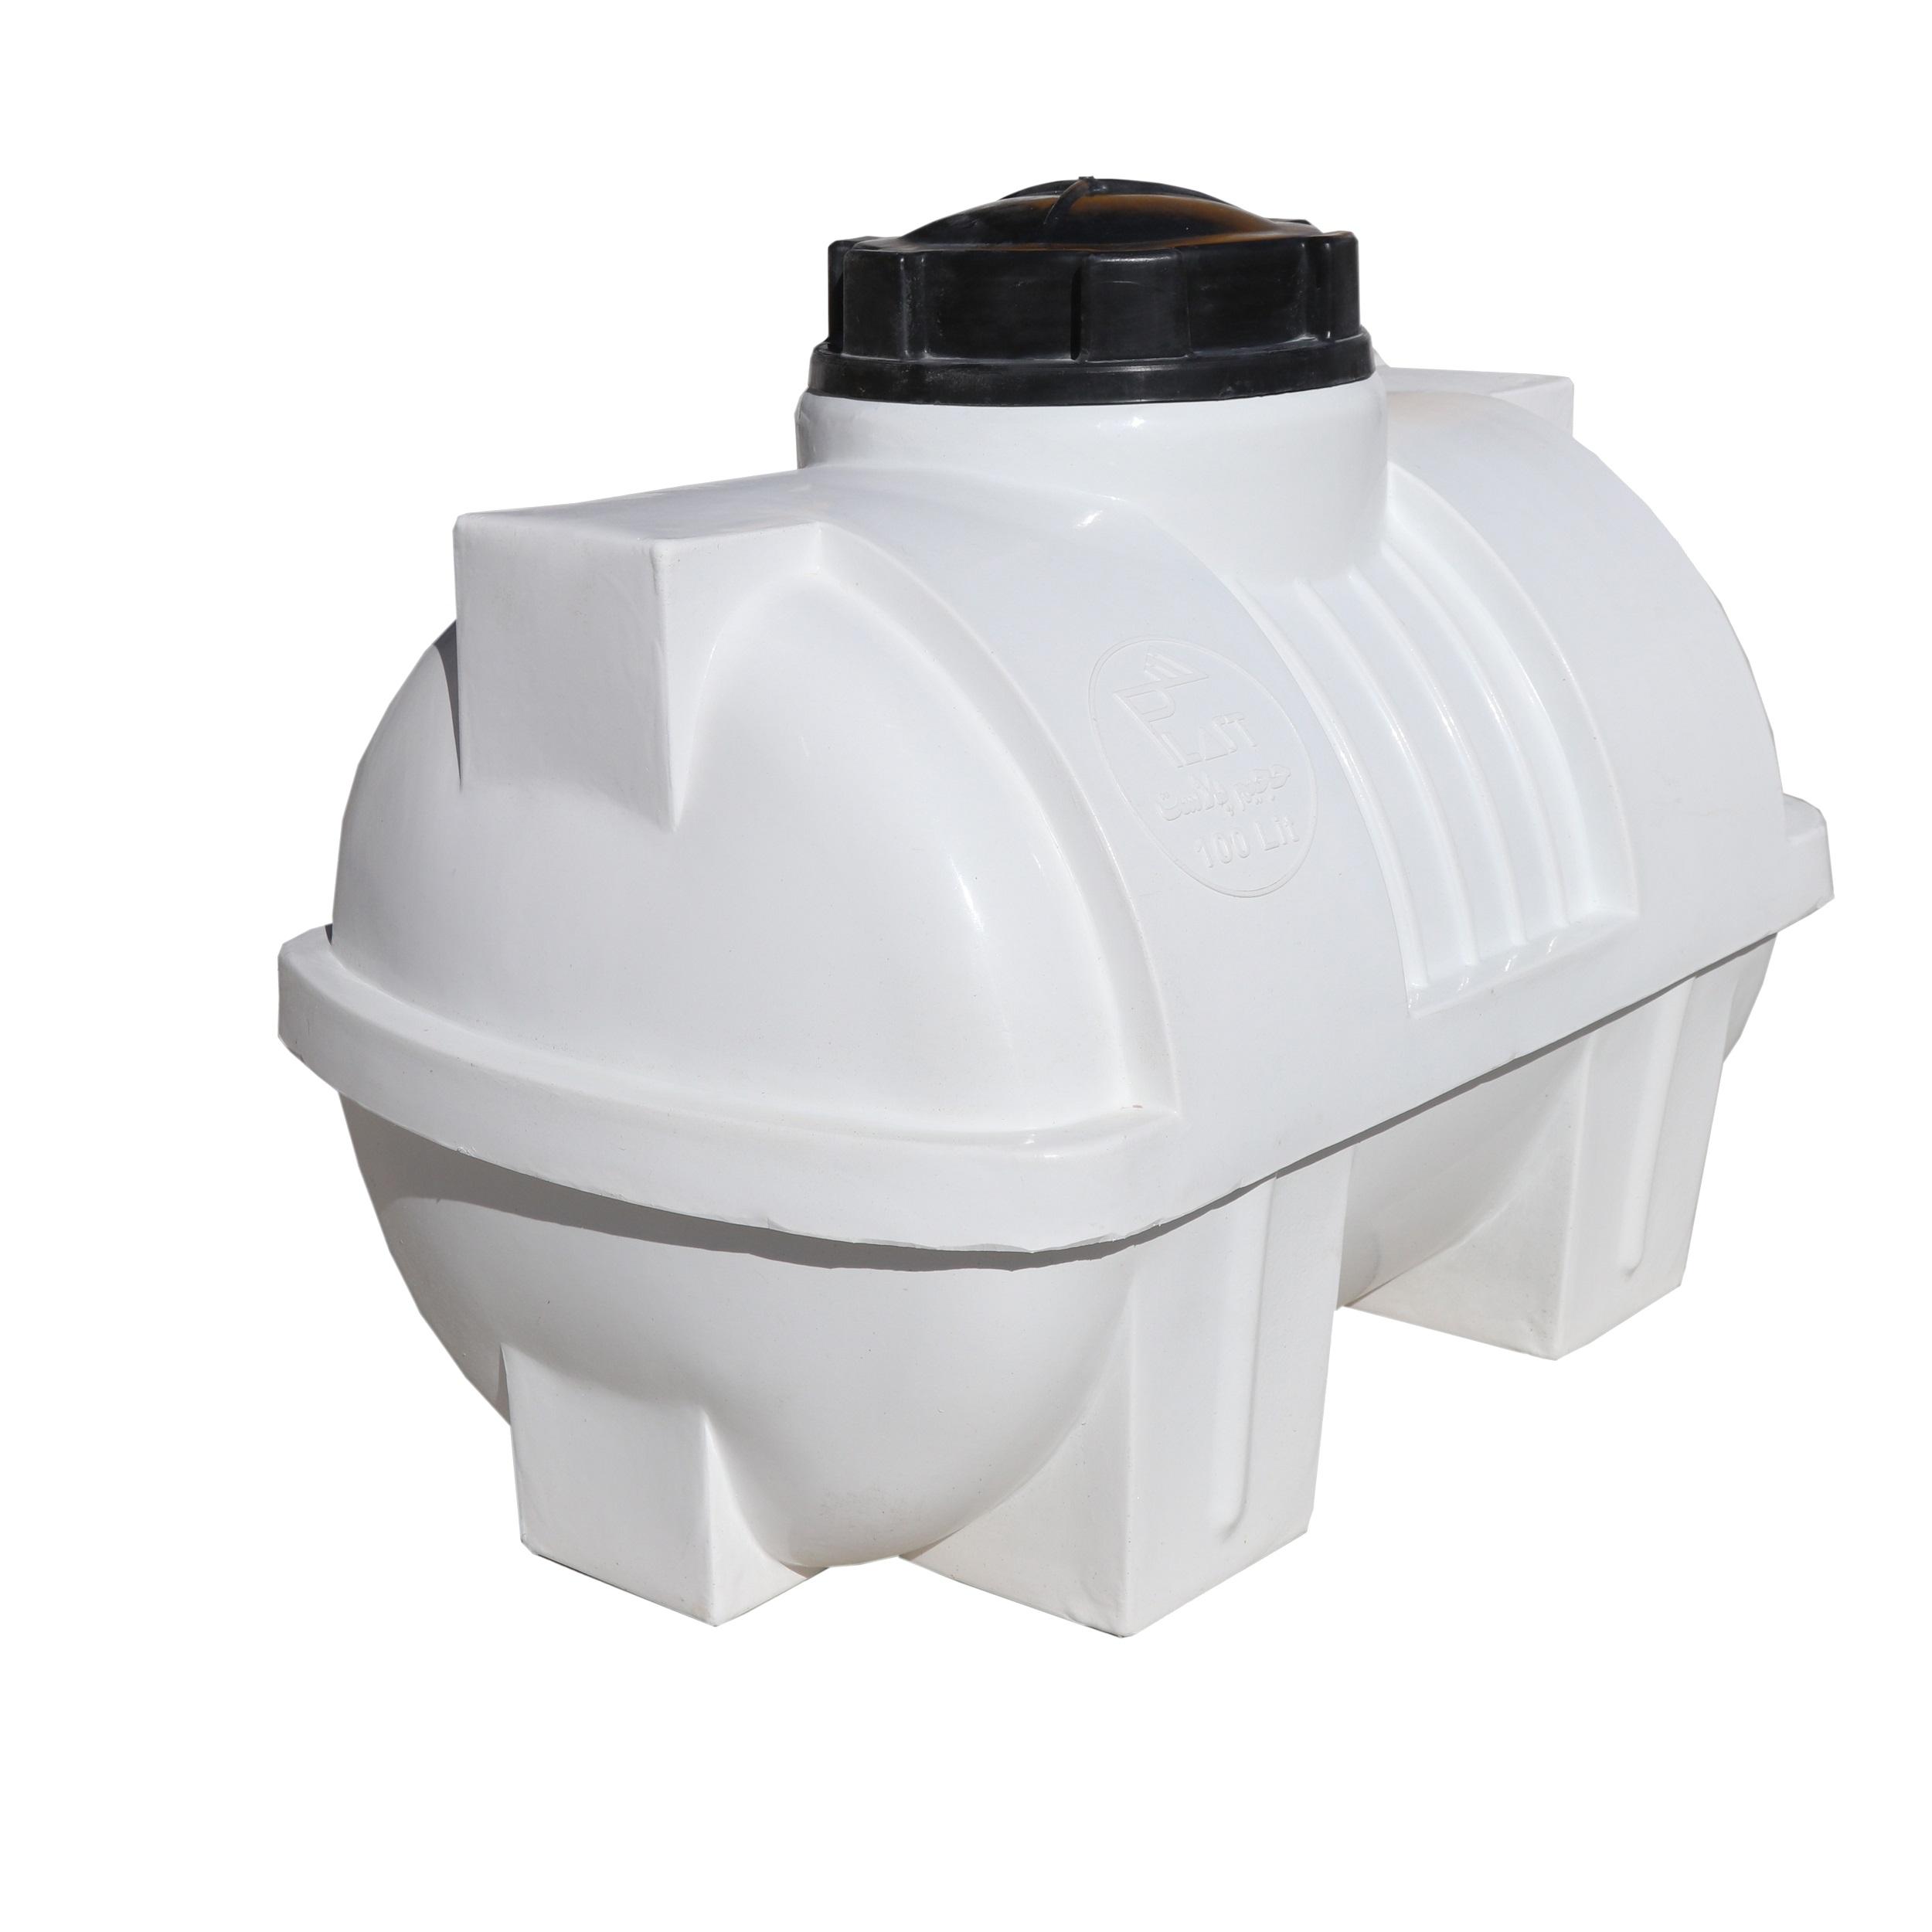 قیمت                                      مخزن آب حجیم پلاست مدل 102 حجم 100 لیتر